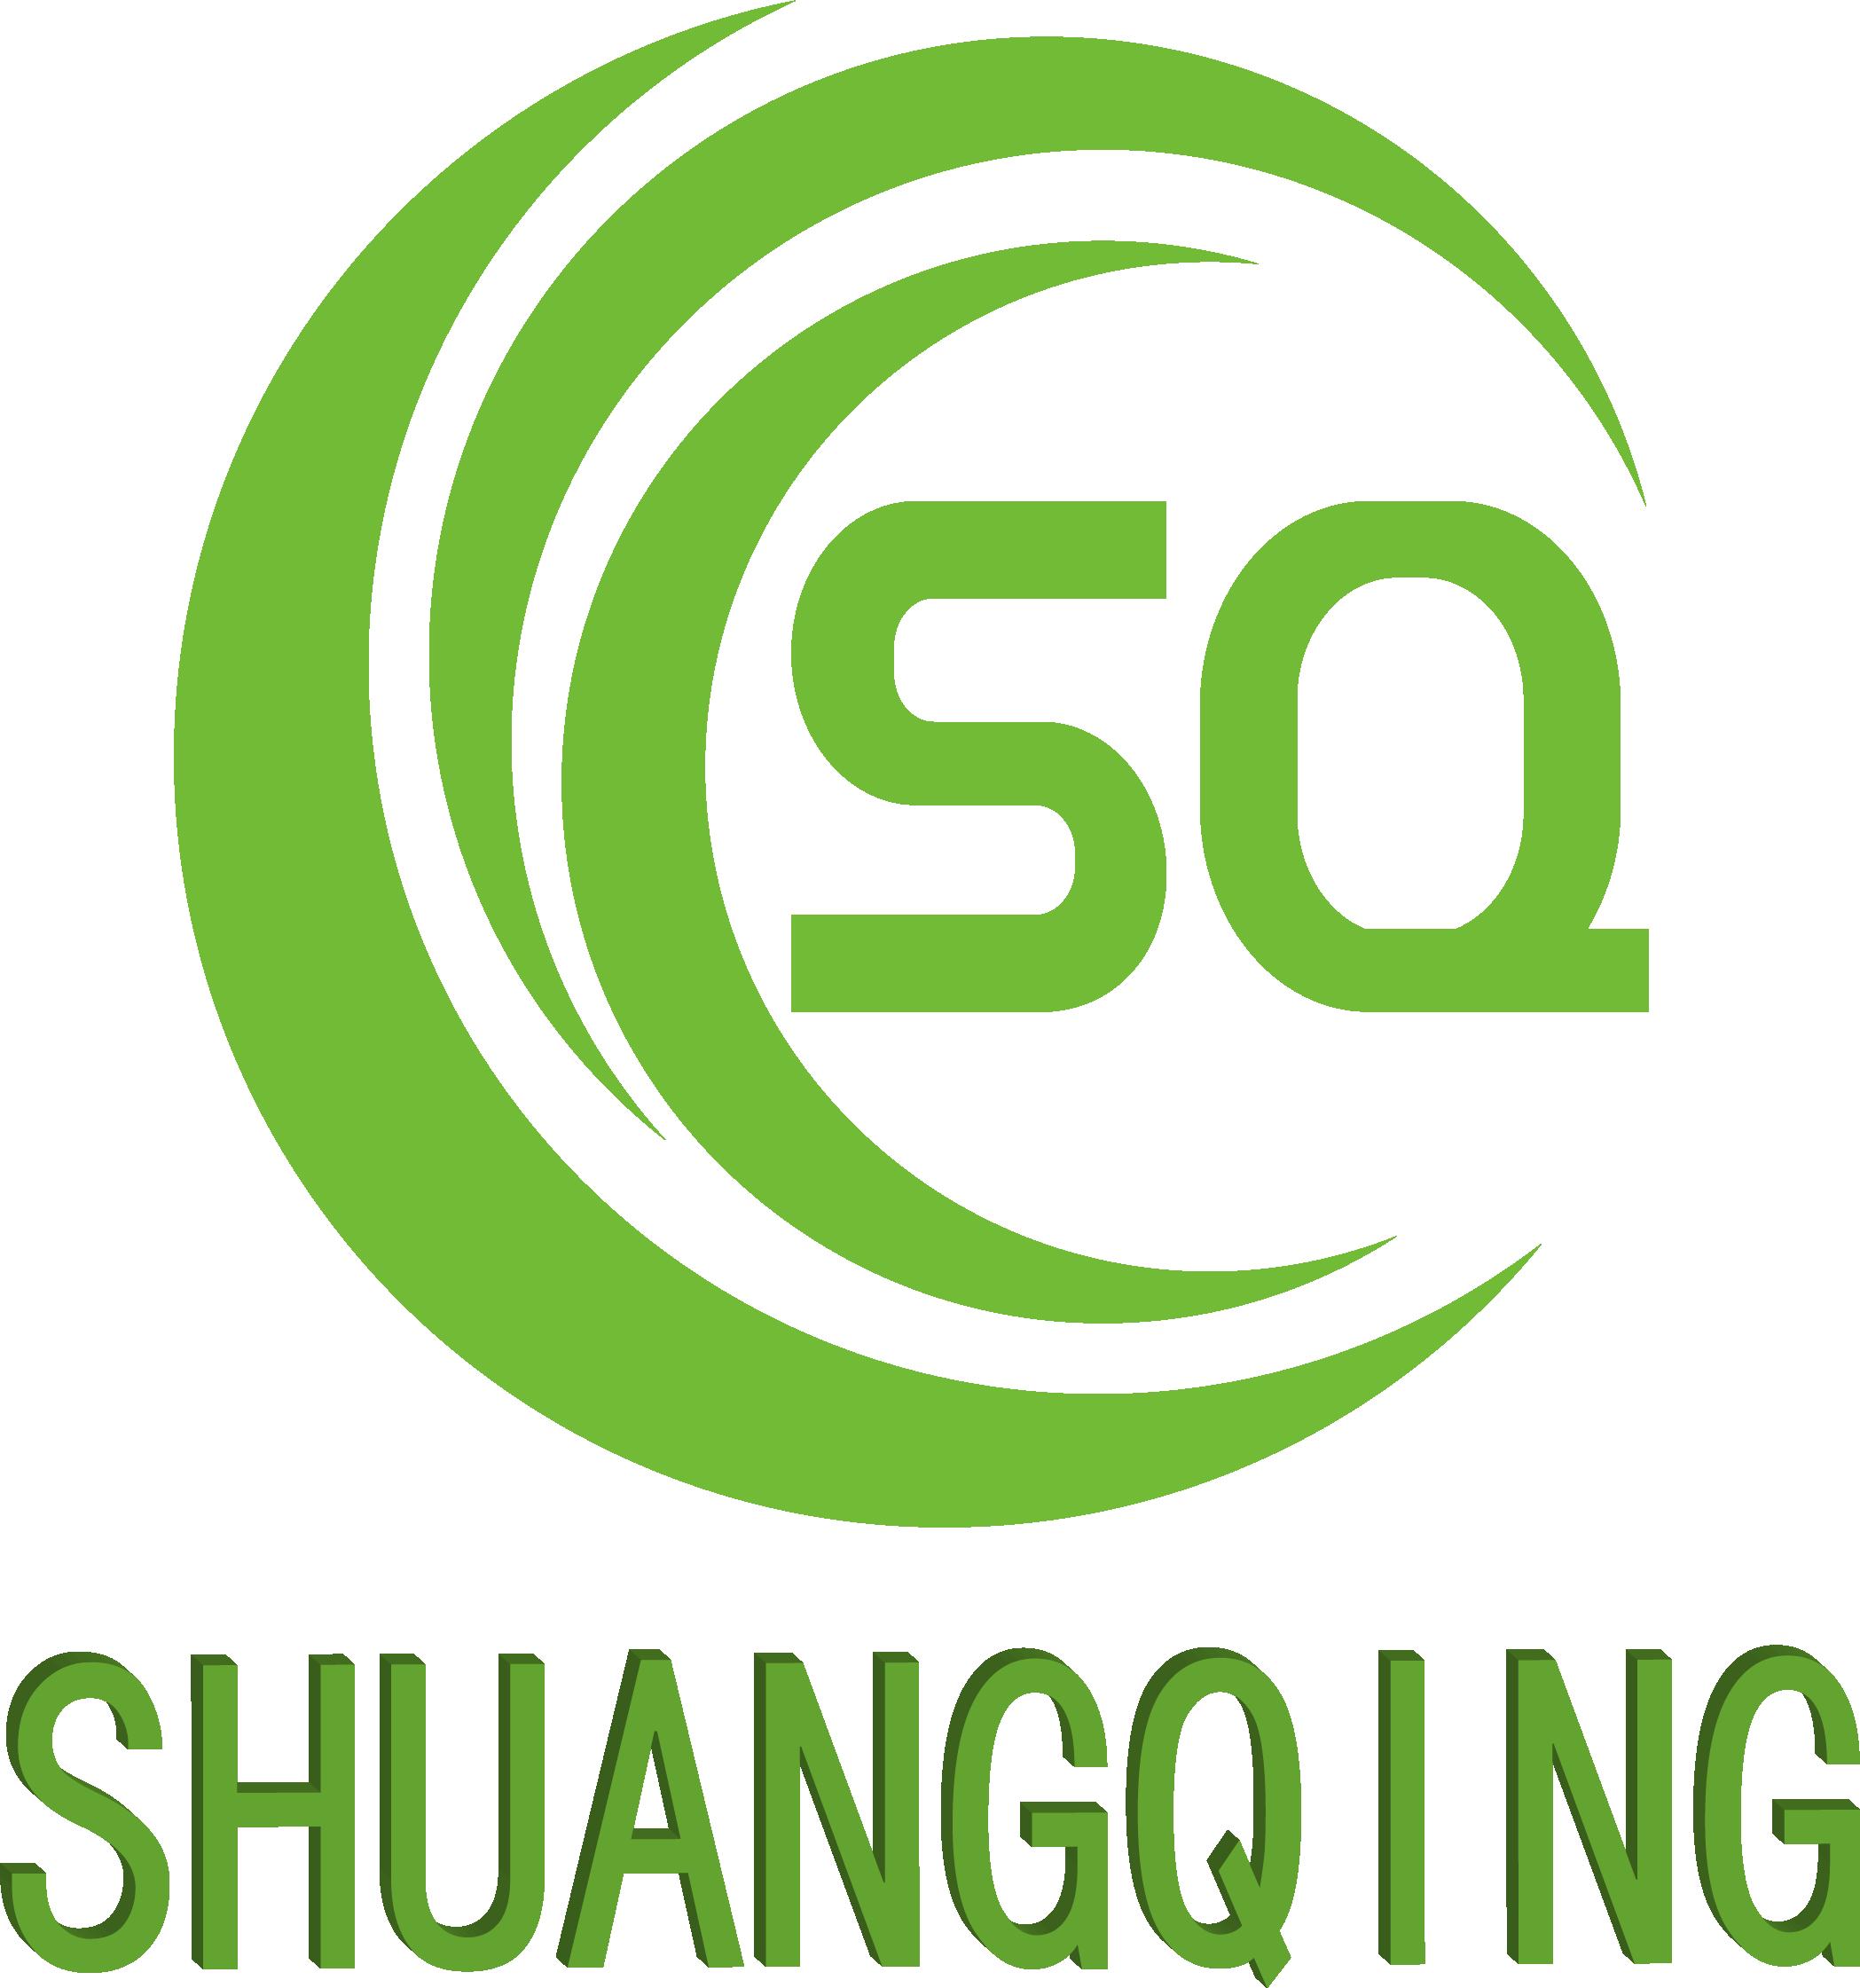 廣東雙清環境工程設備有限公司